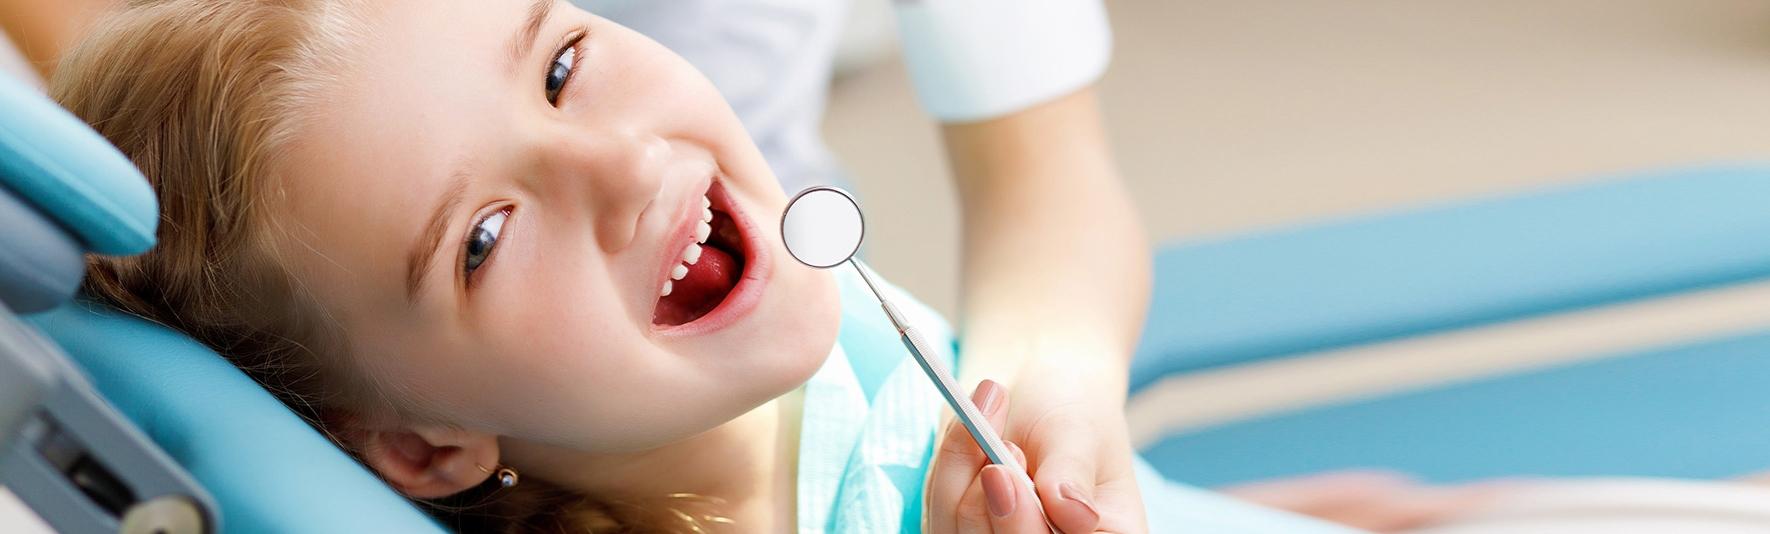 лечения зубов у детей